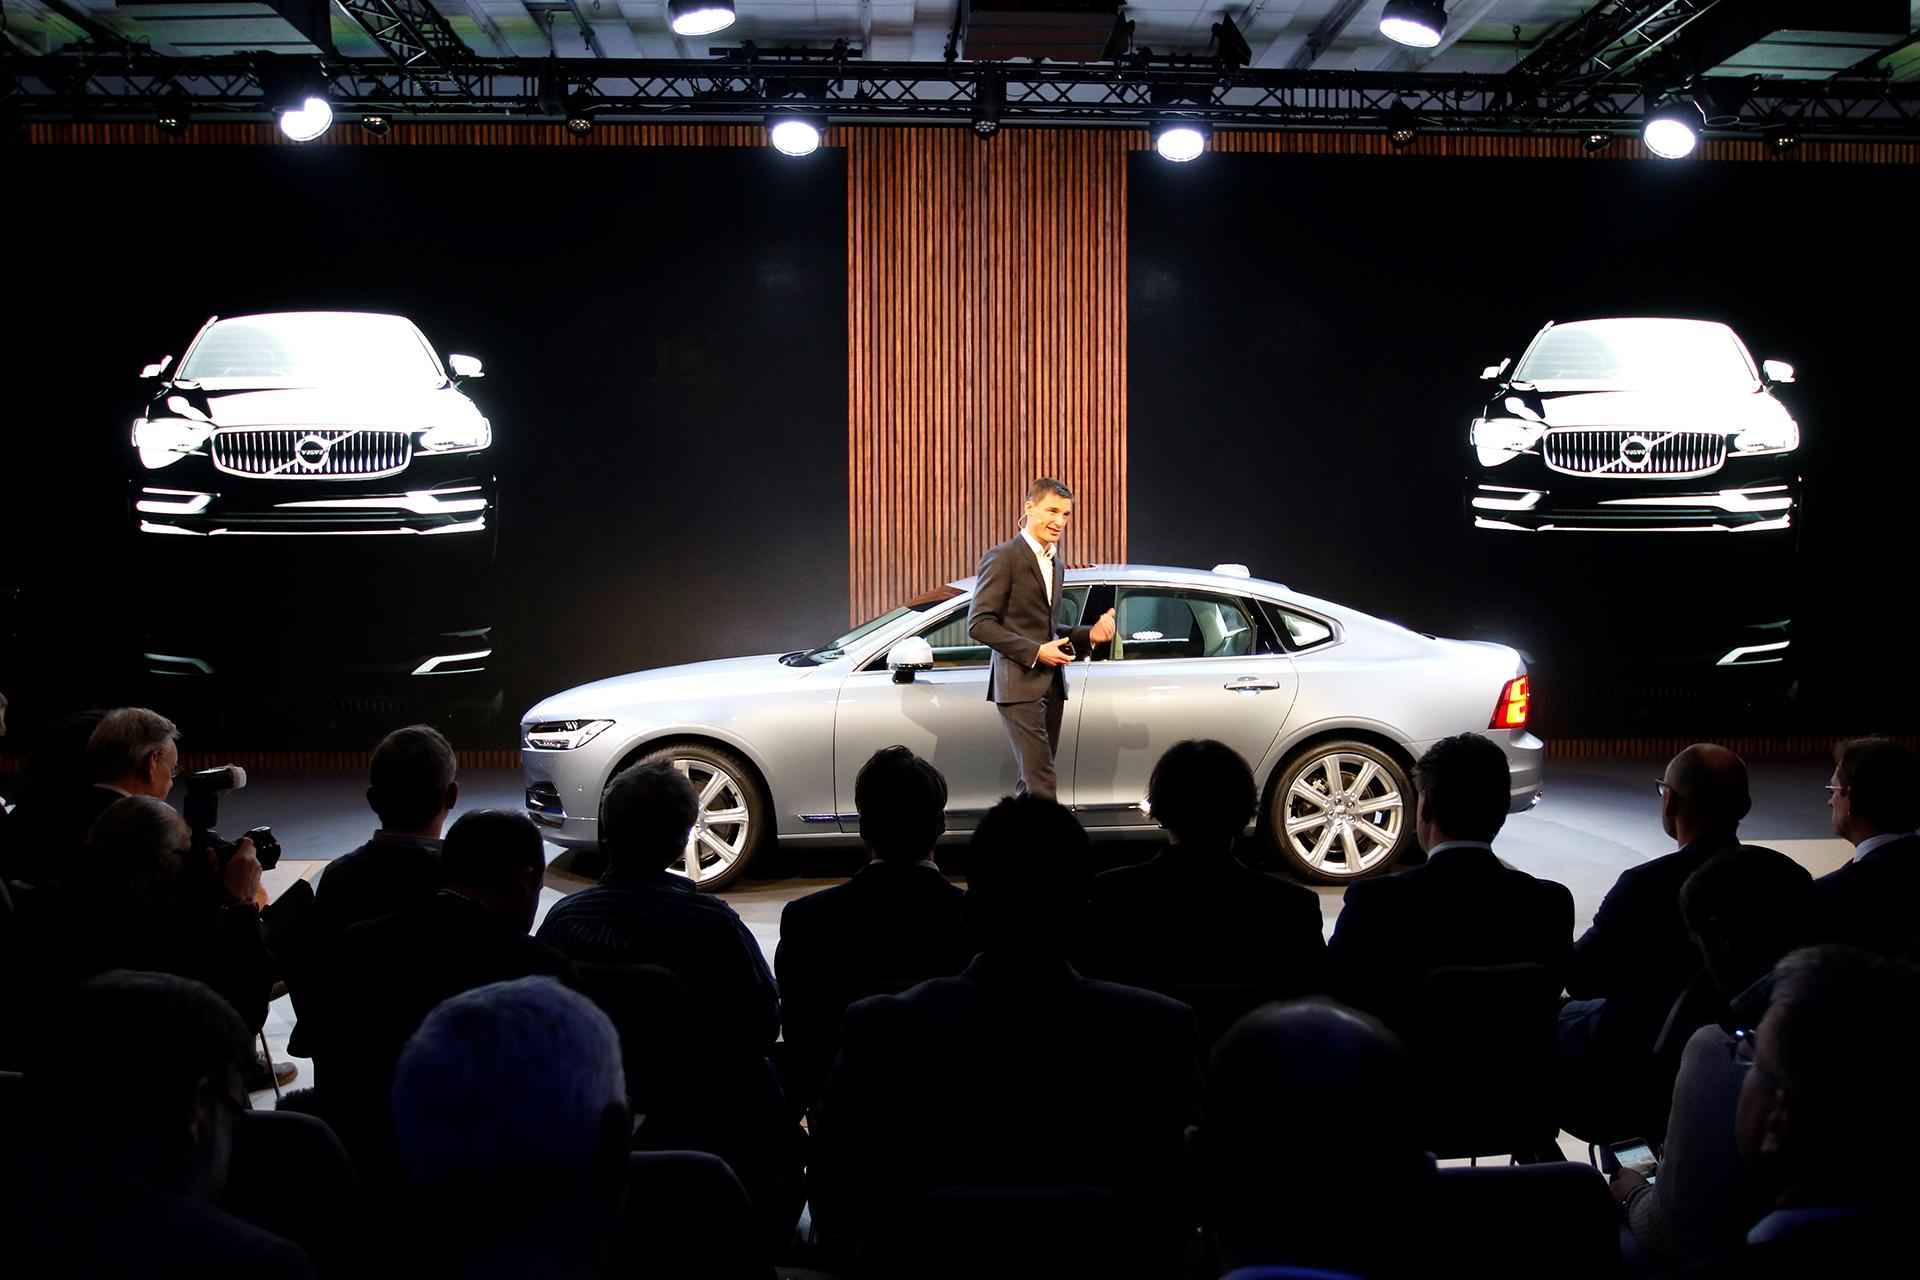 Volvo S90 - 2016 - Sweden Press show, 2015 / Présentation Presse en Suède, 2015